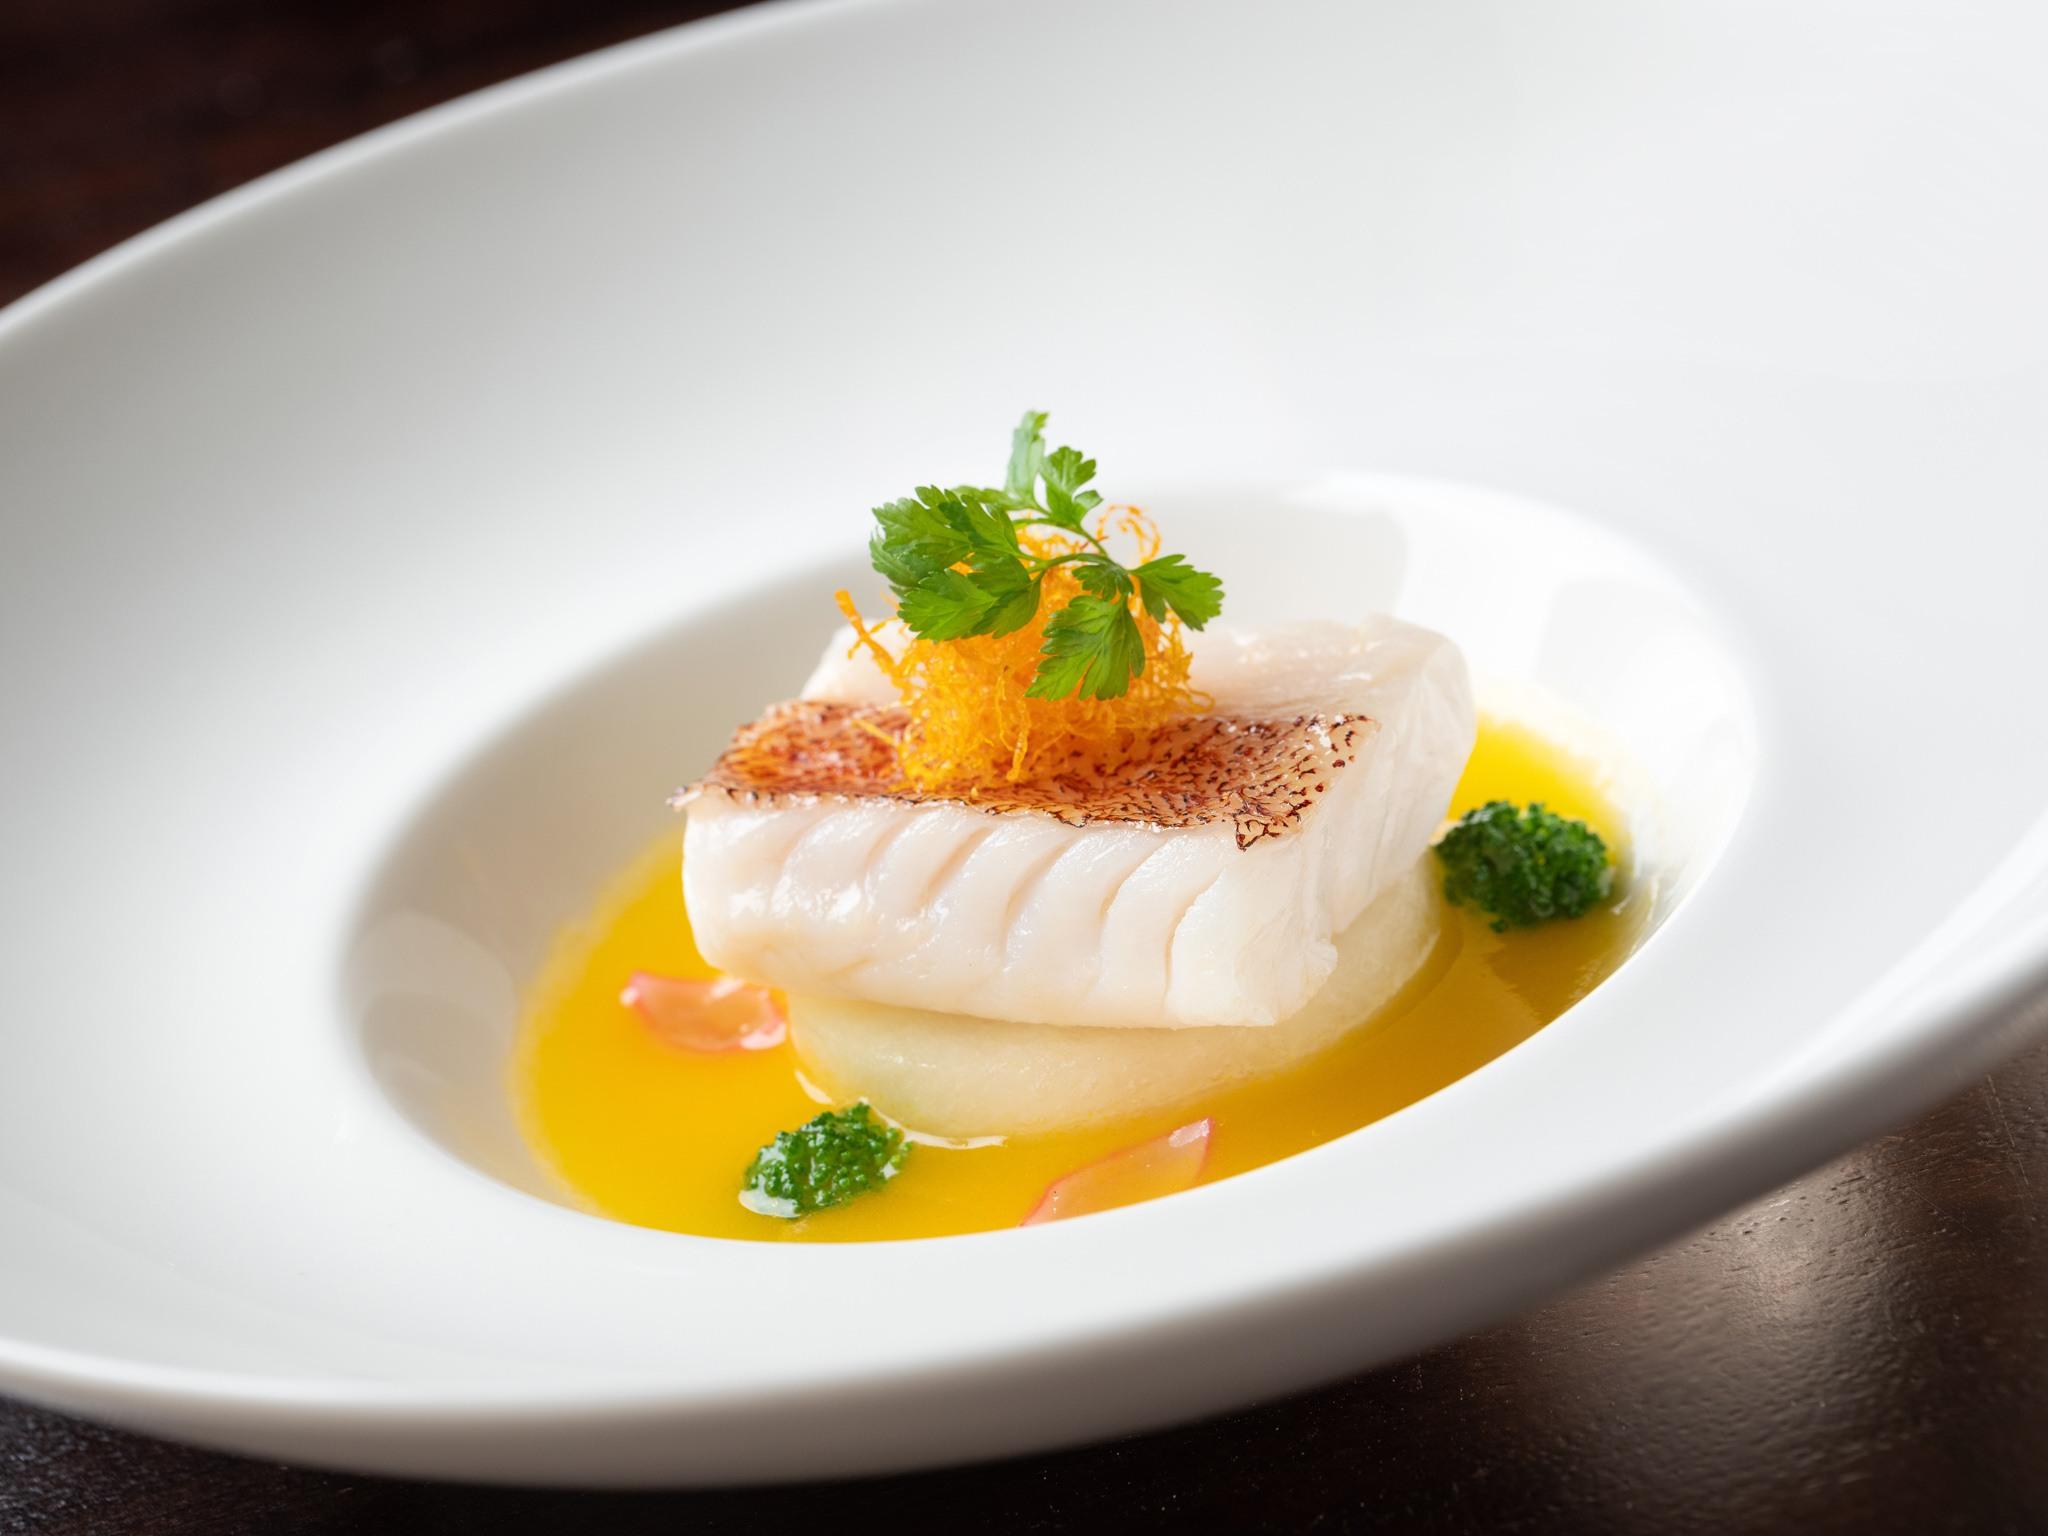 雅閣新任大廚張國邦的招牌菜色「黃湯白玉星斑柳」,充分顯現他注重細節、以及菜色簡約細緻的料理特色。